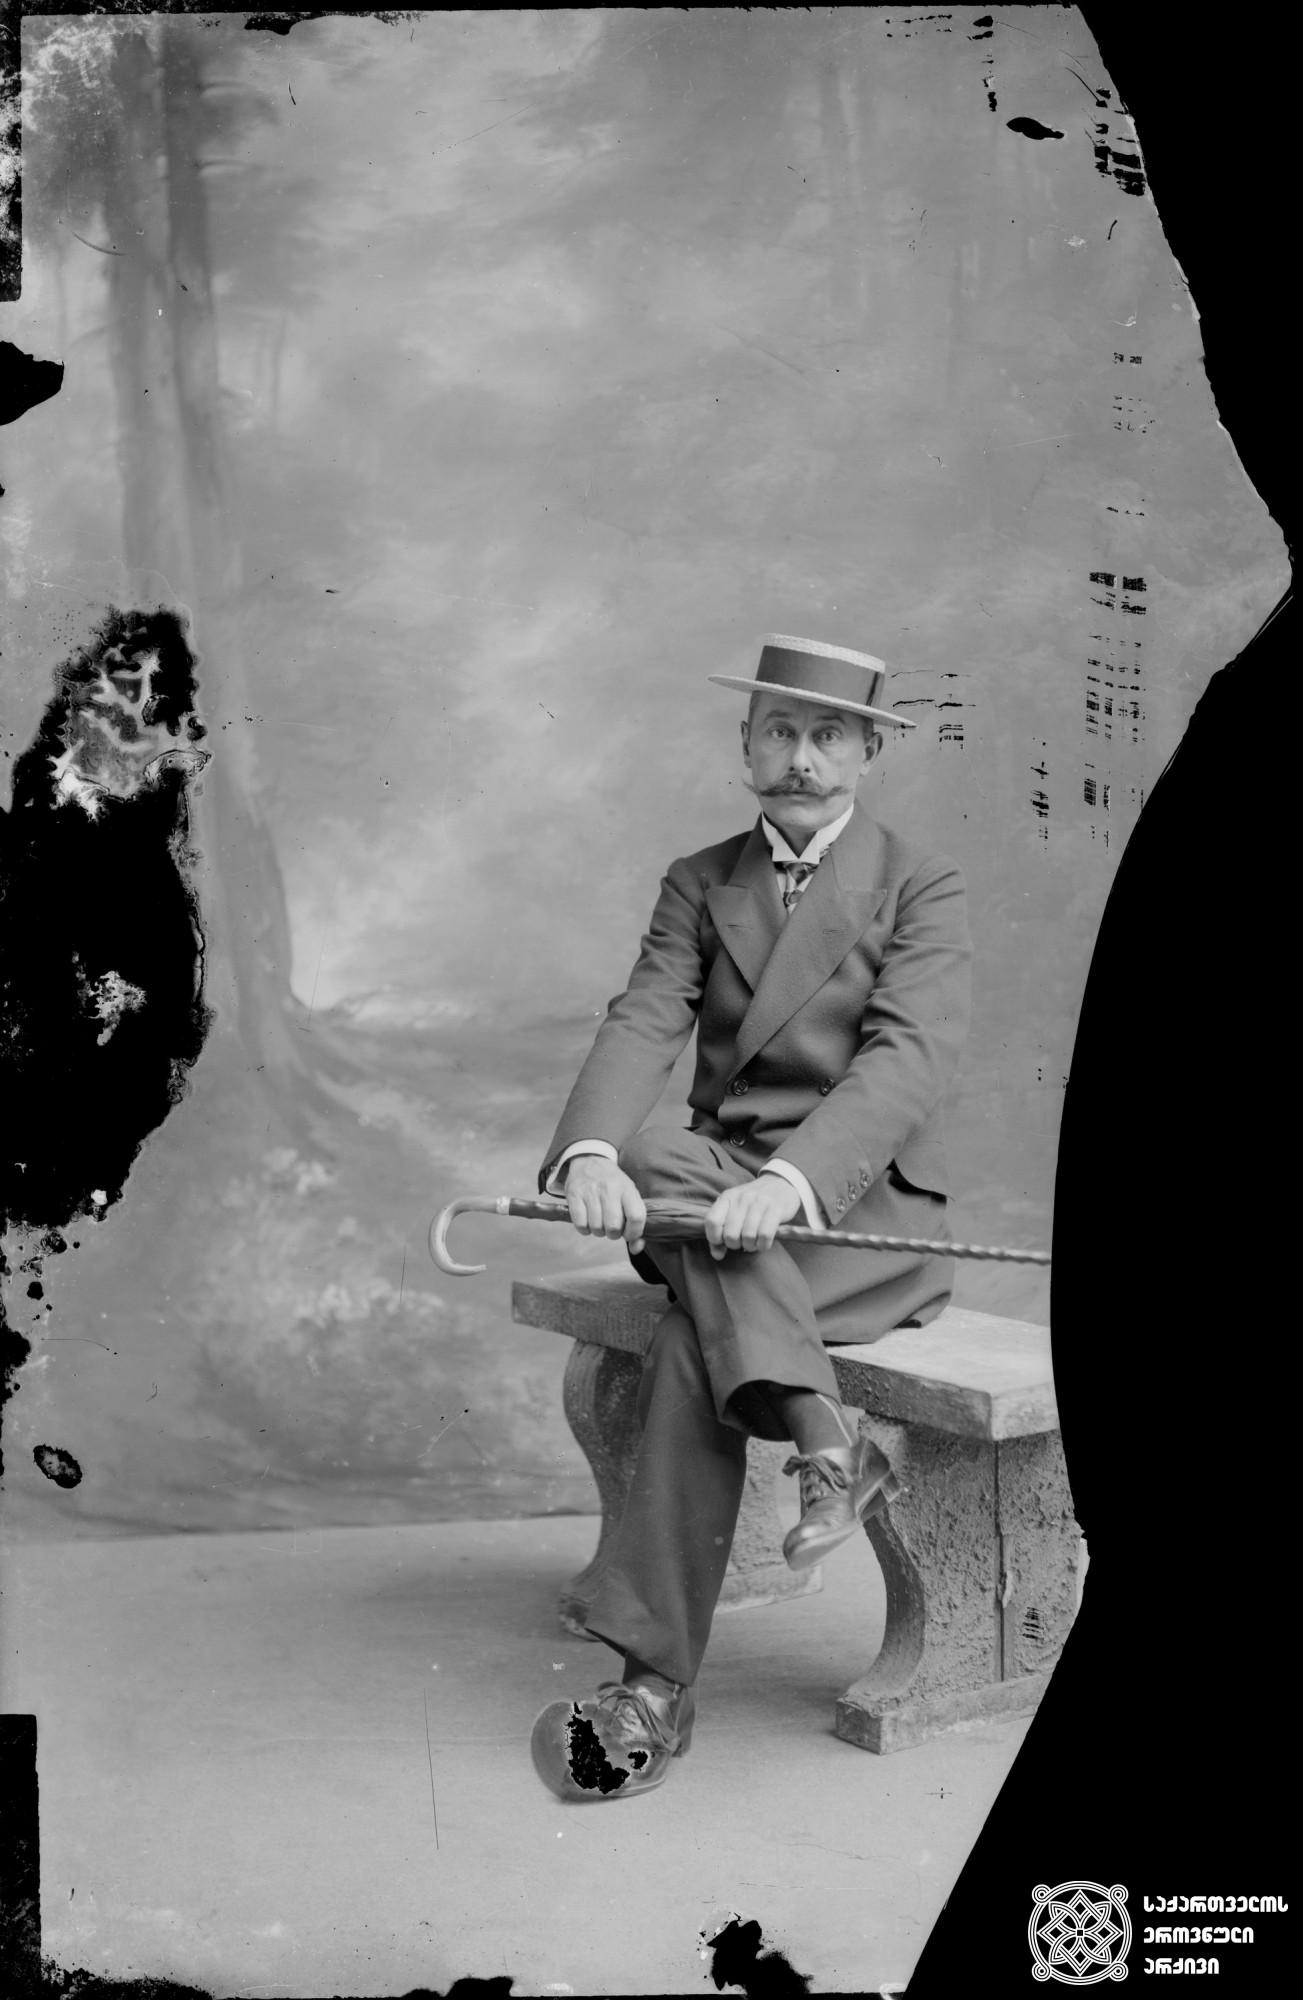 ლუსიენ შარლ დავიდ მიურატი (1870-1933). <br> მინის ნეგატივი 10X16. <br> Lucien Charles David Murat (1870-1933). <br> Glass negative 10X16.